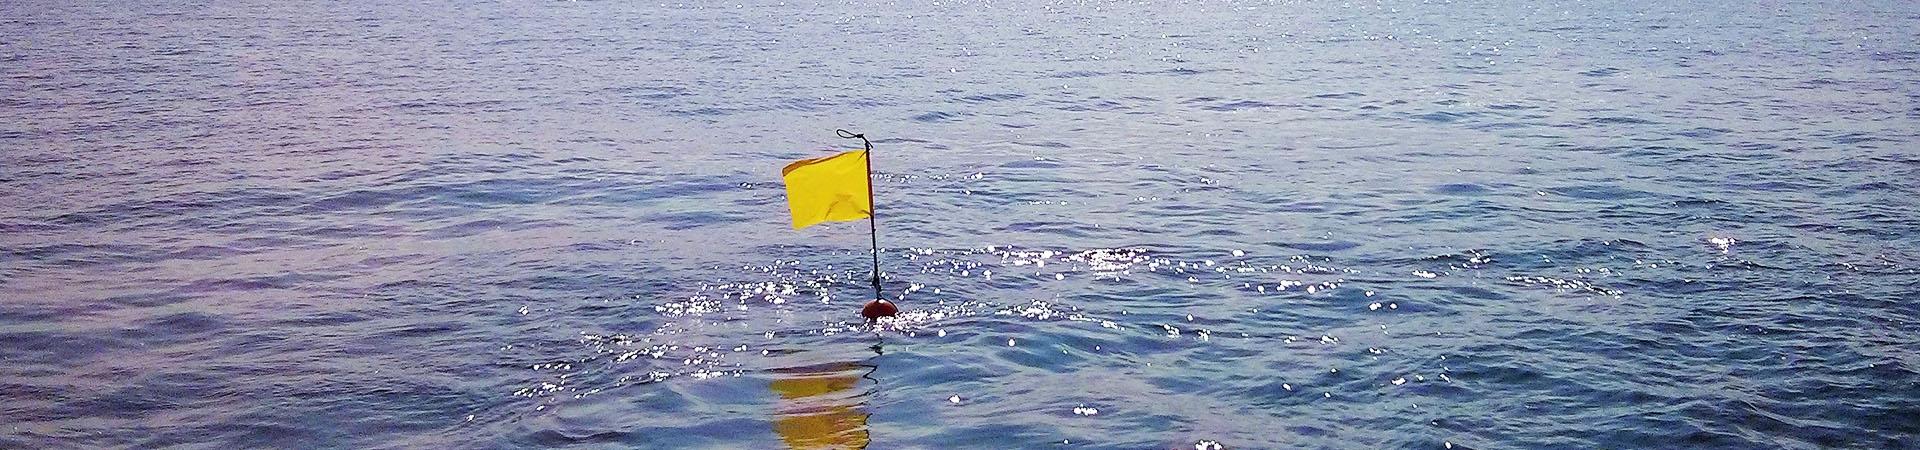 Buoy Ocean